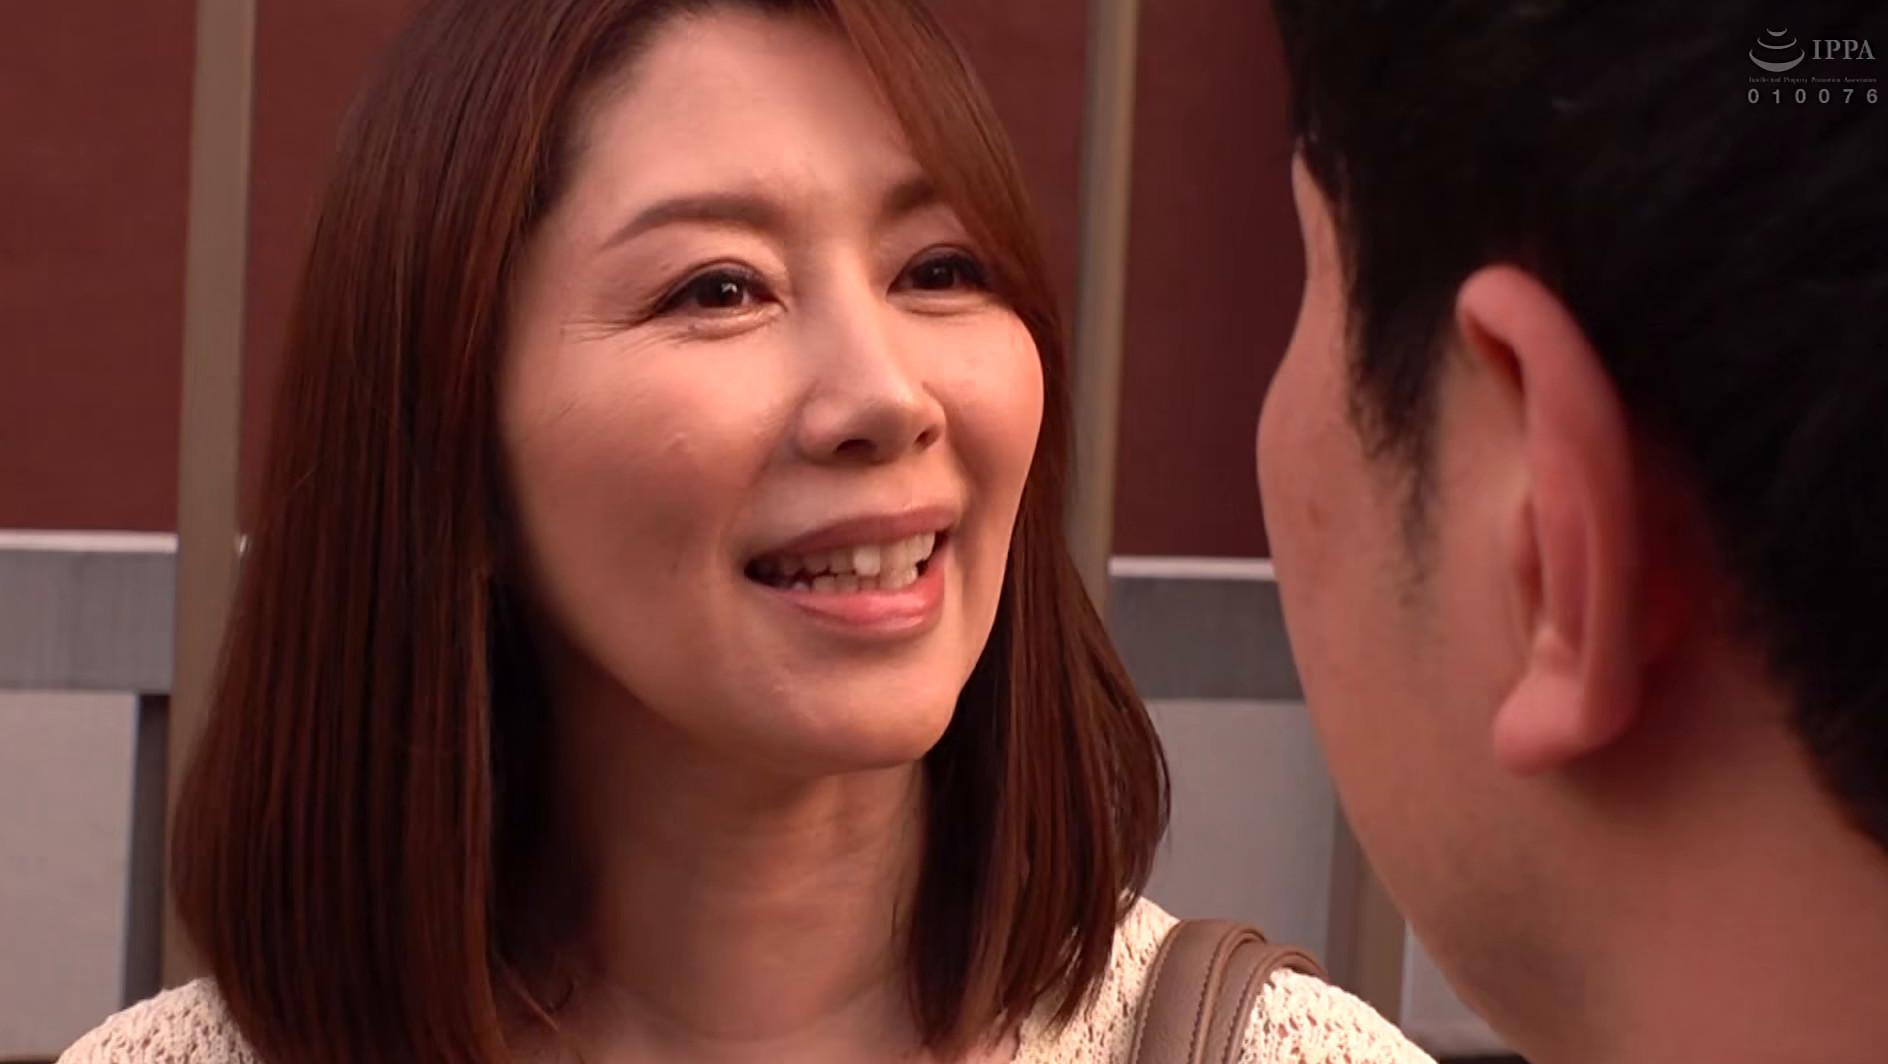 あの時、お義母さんに誘われて・・・ 翔田千里,のサンプル画像1